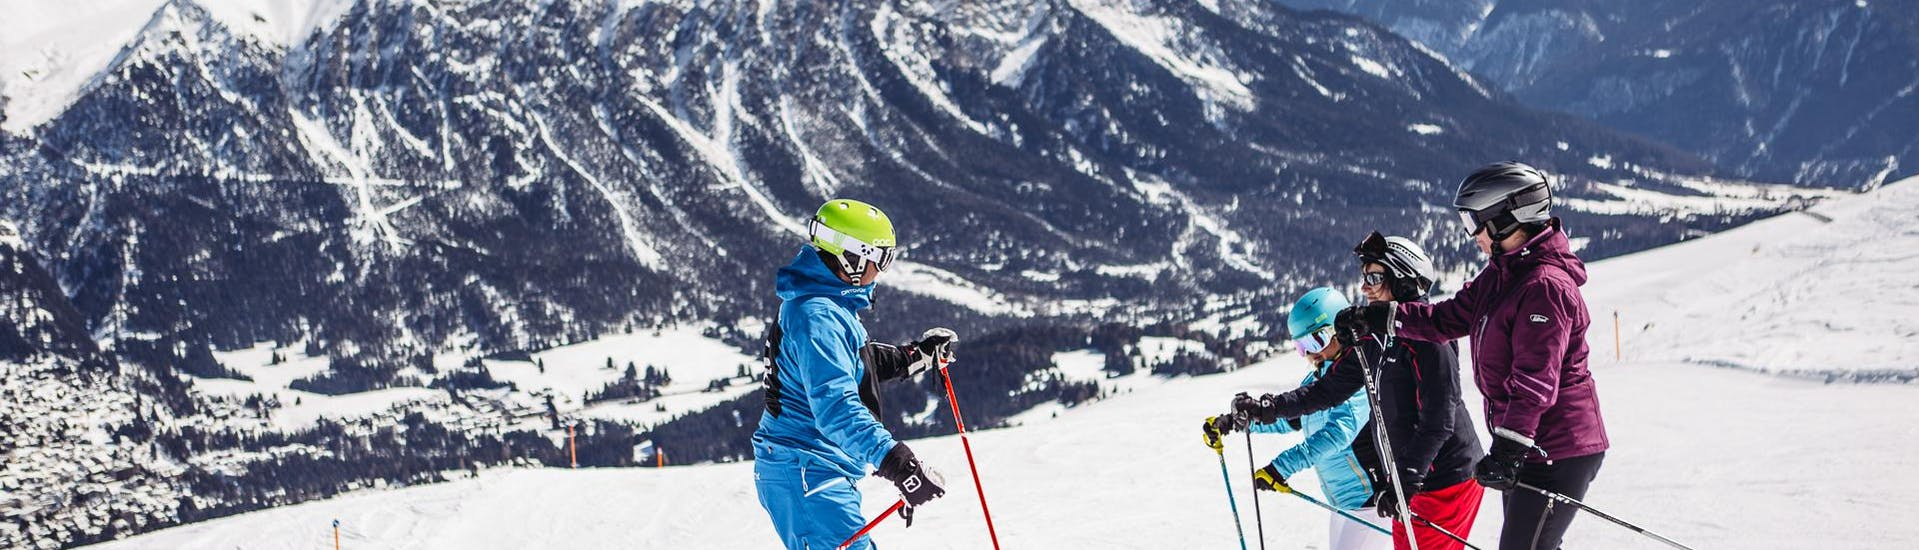 Privater Skikurs für Gruppen aller Levels